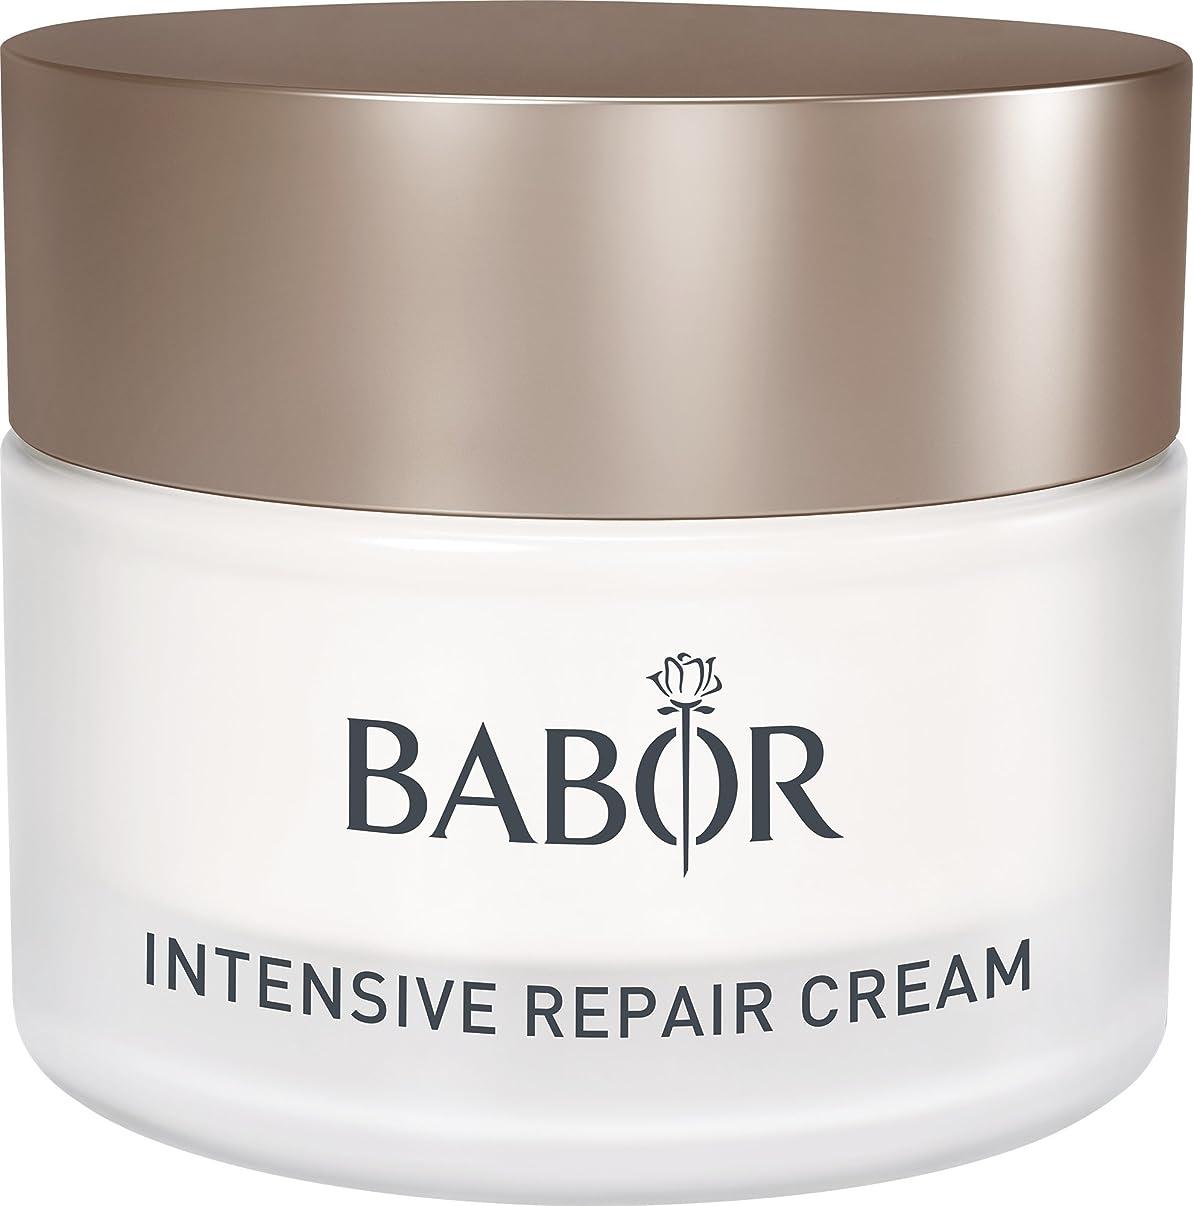 ベッツィトロットウッド連鎖着実にバボール Intensive Repair Cream 50ml/1.7oz並行輸入品